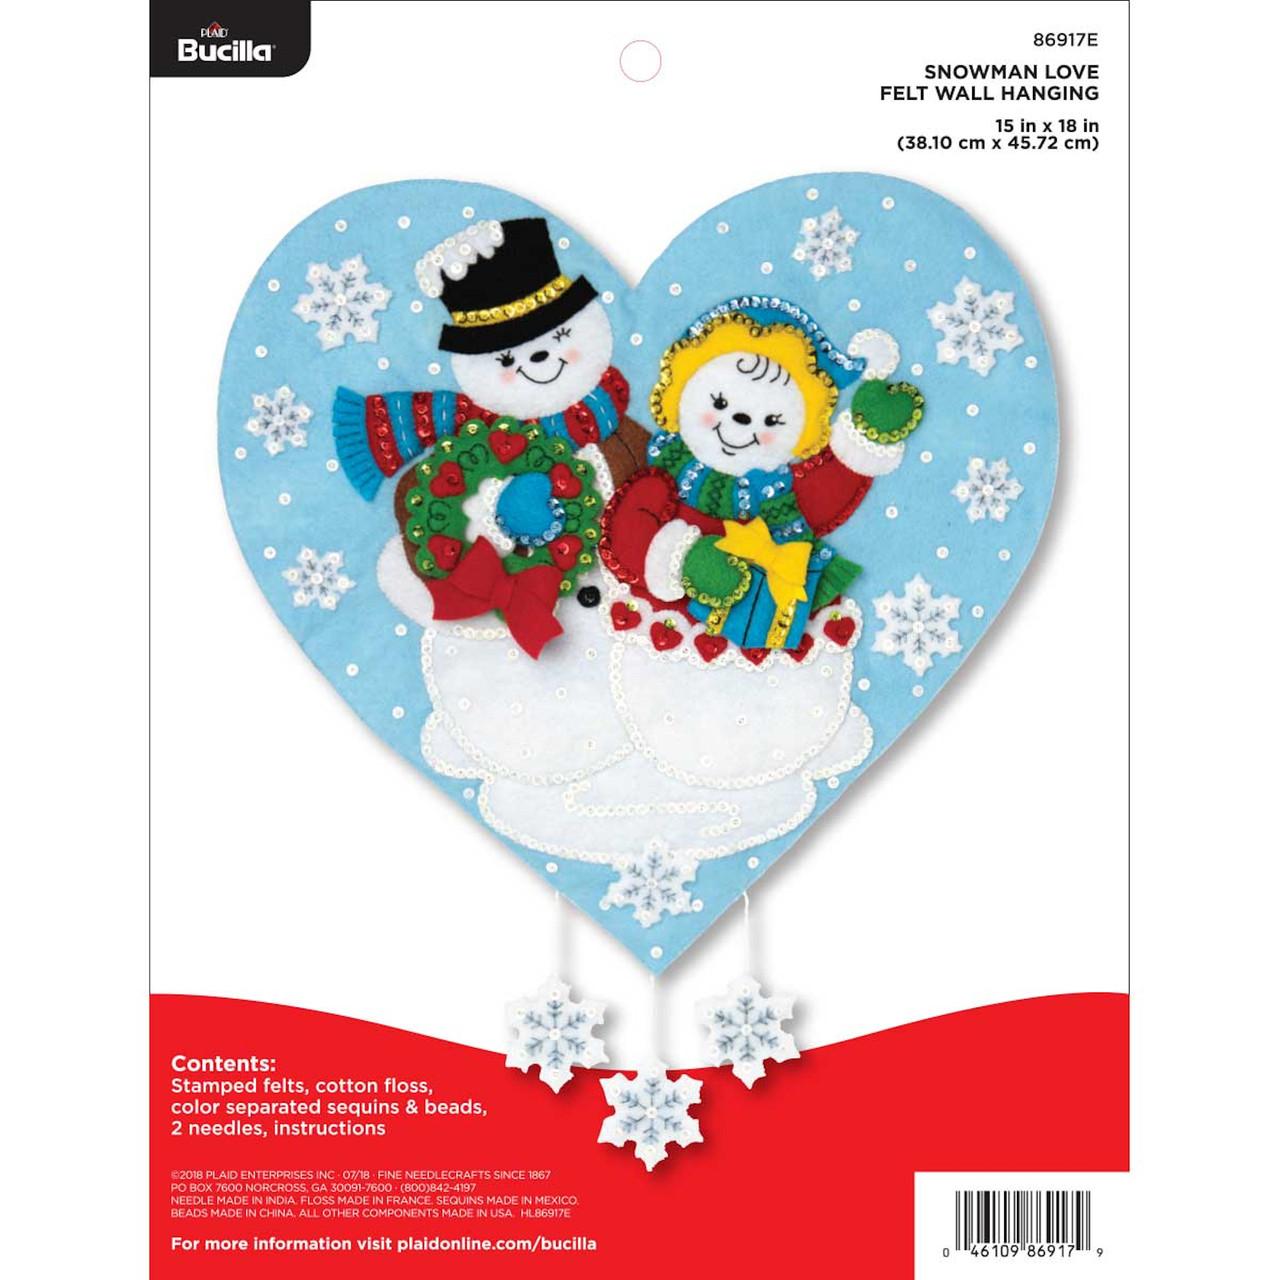 Plaid / Bucilla - Snowman Love Wall Hanging